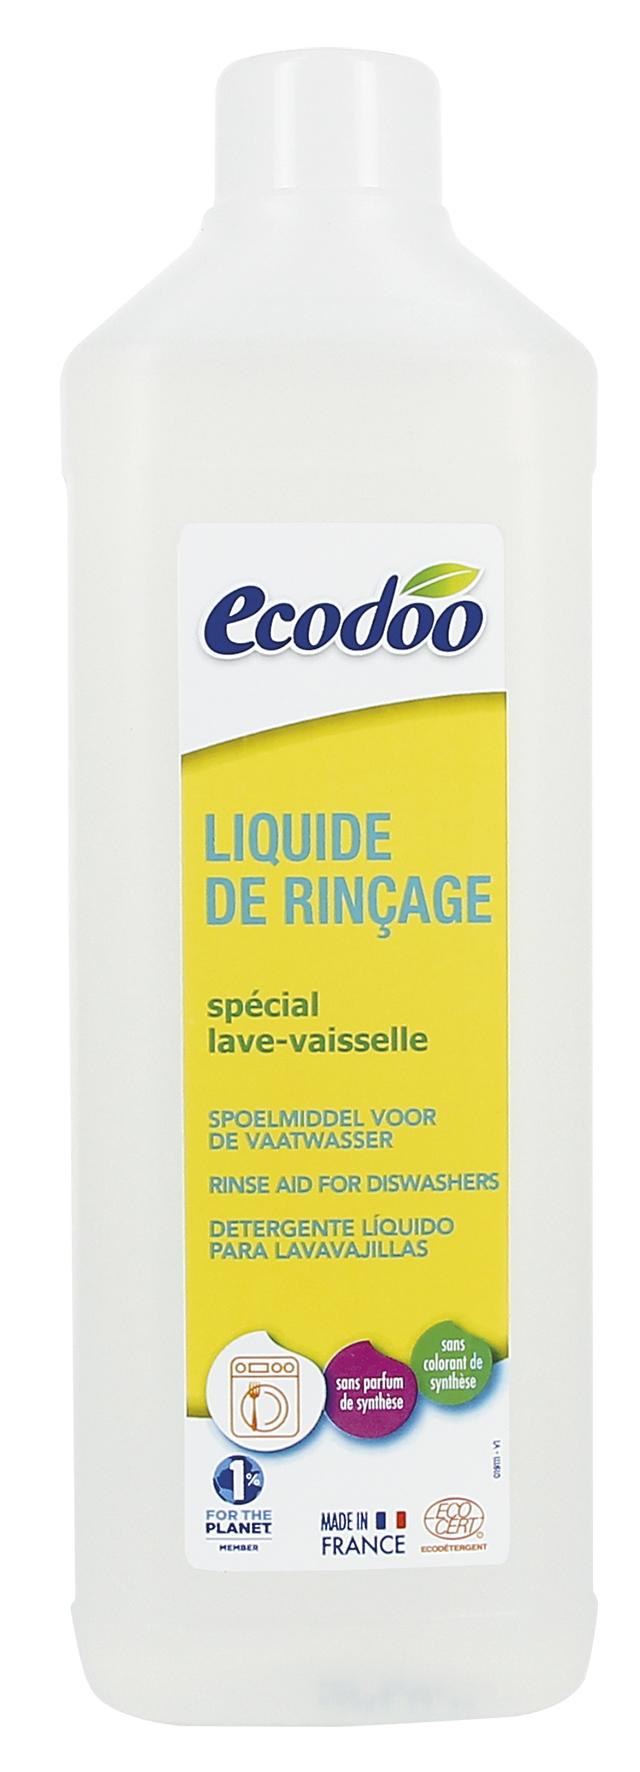 Liquide de rinçage pour lave vaisselle, Ecodoo (500 ml)